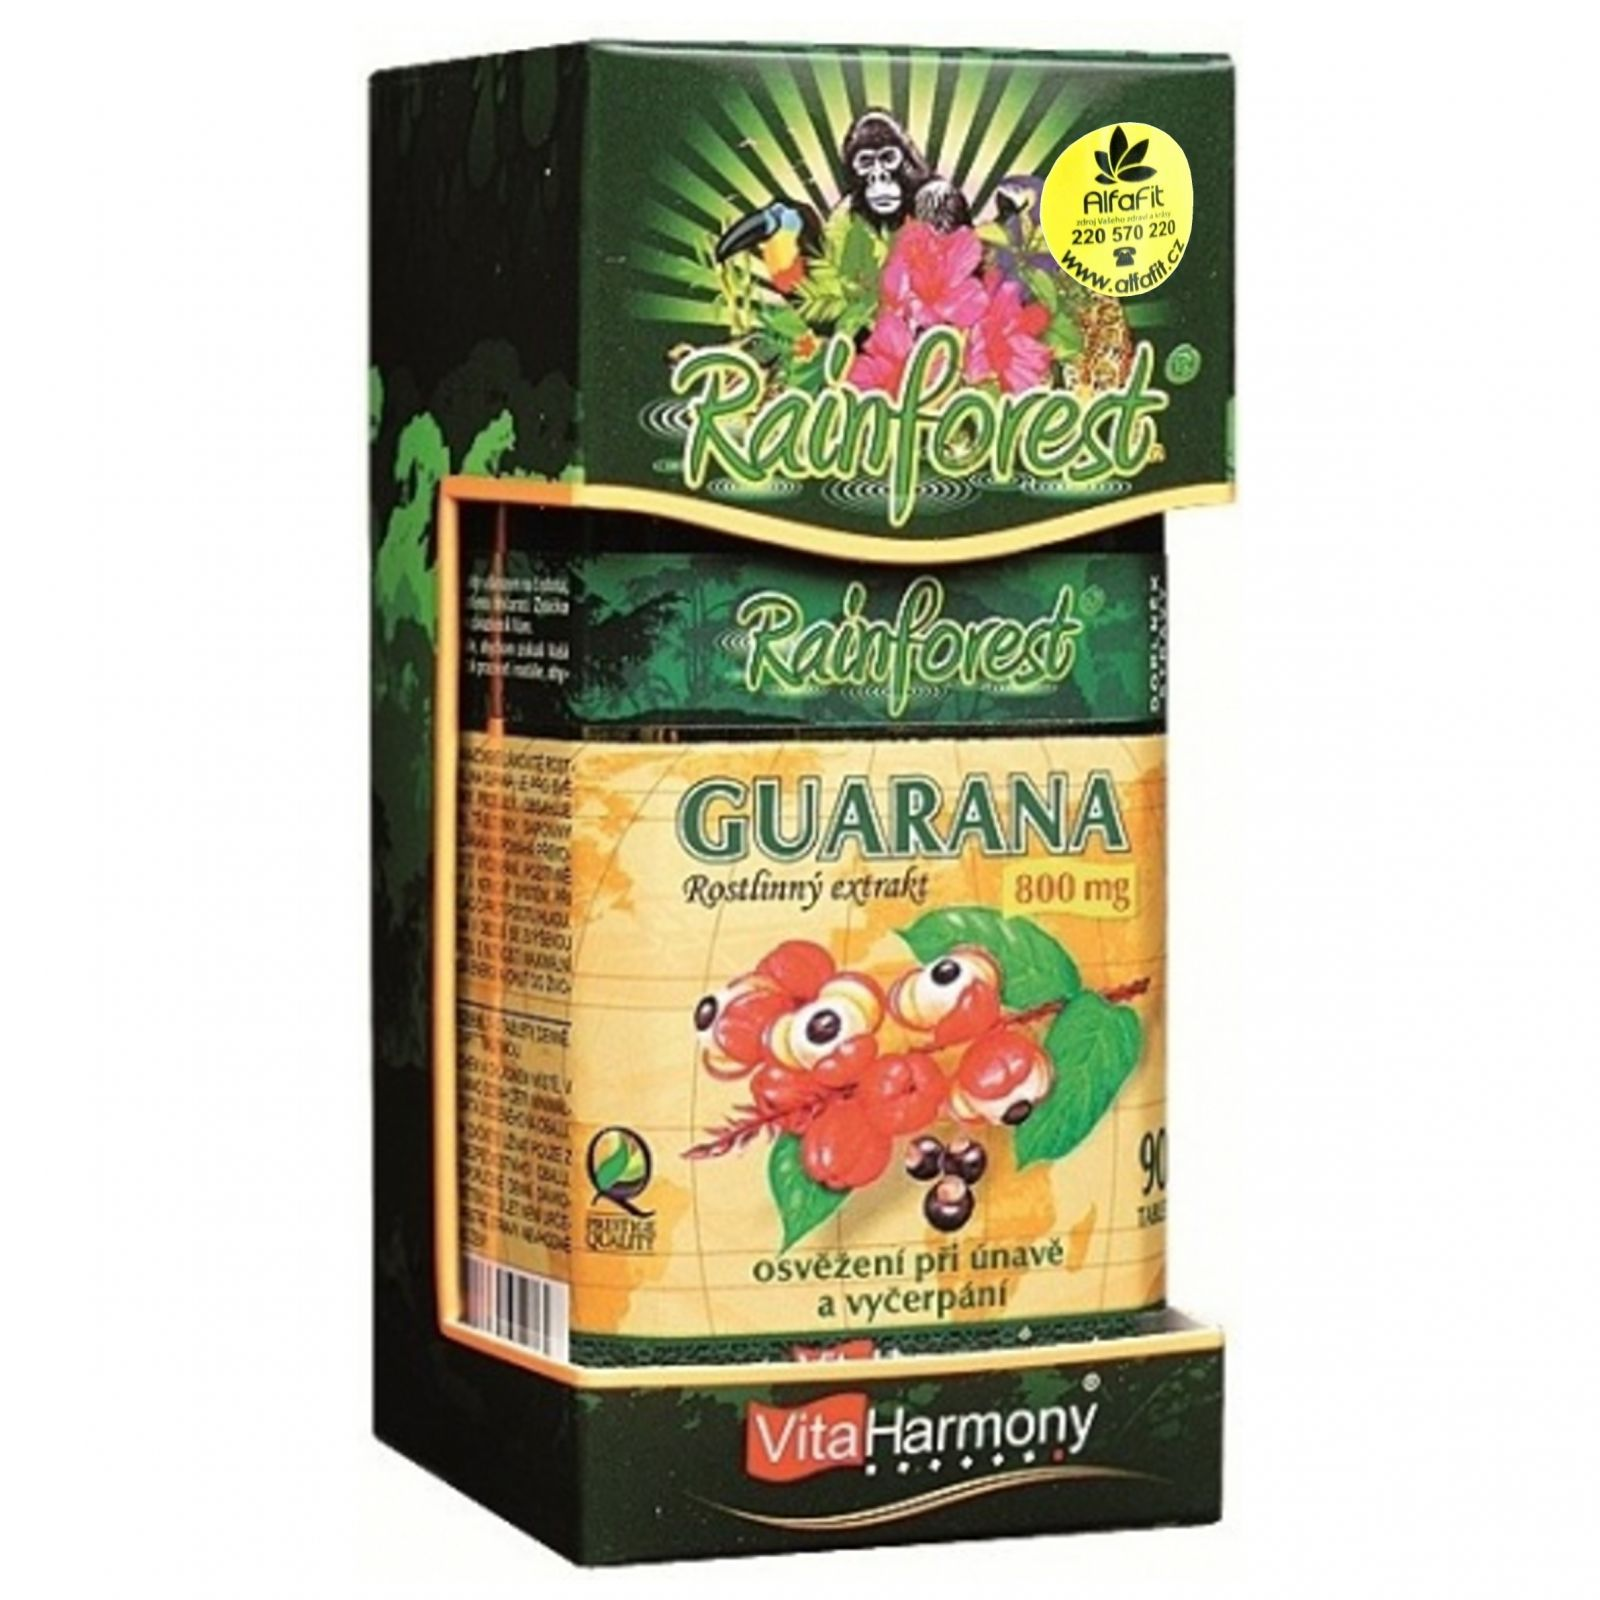 VitaHarmony Guarana 800 mg - 90 tablet